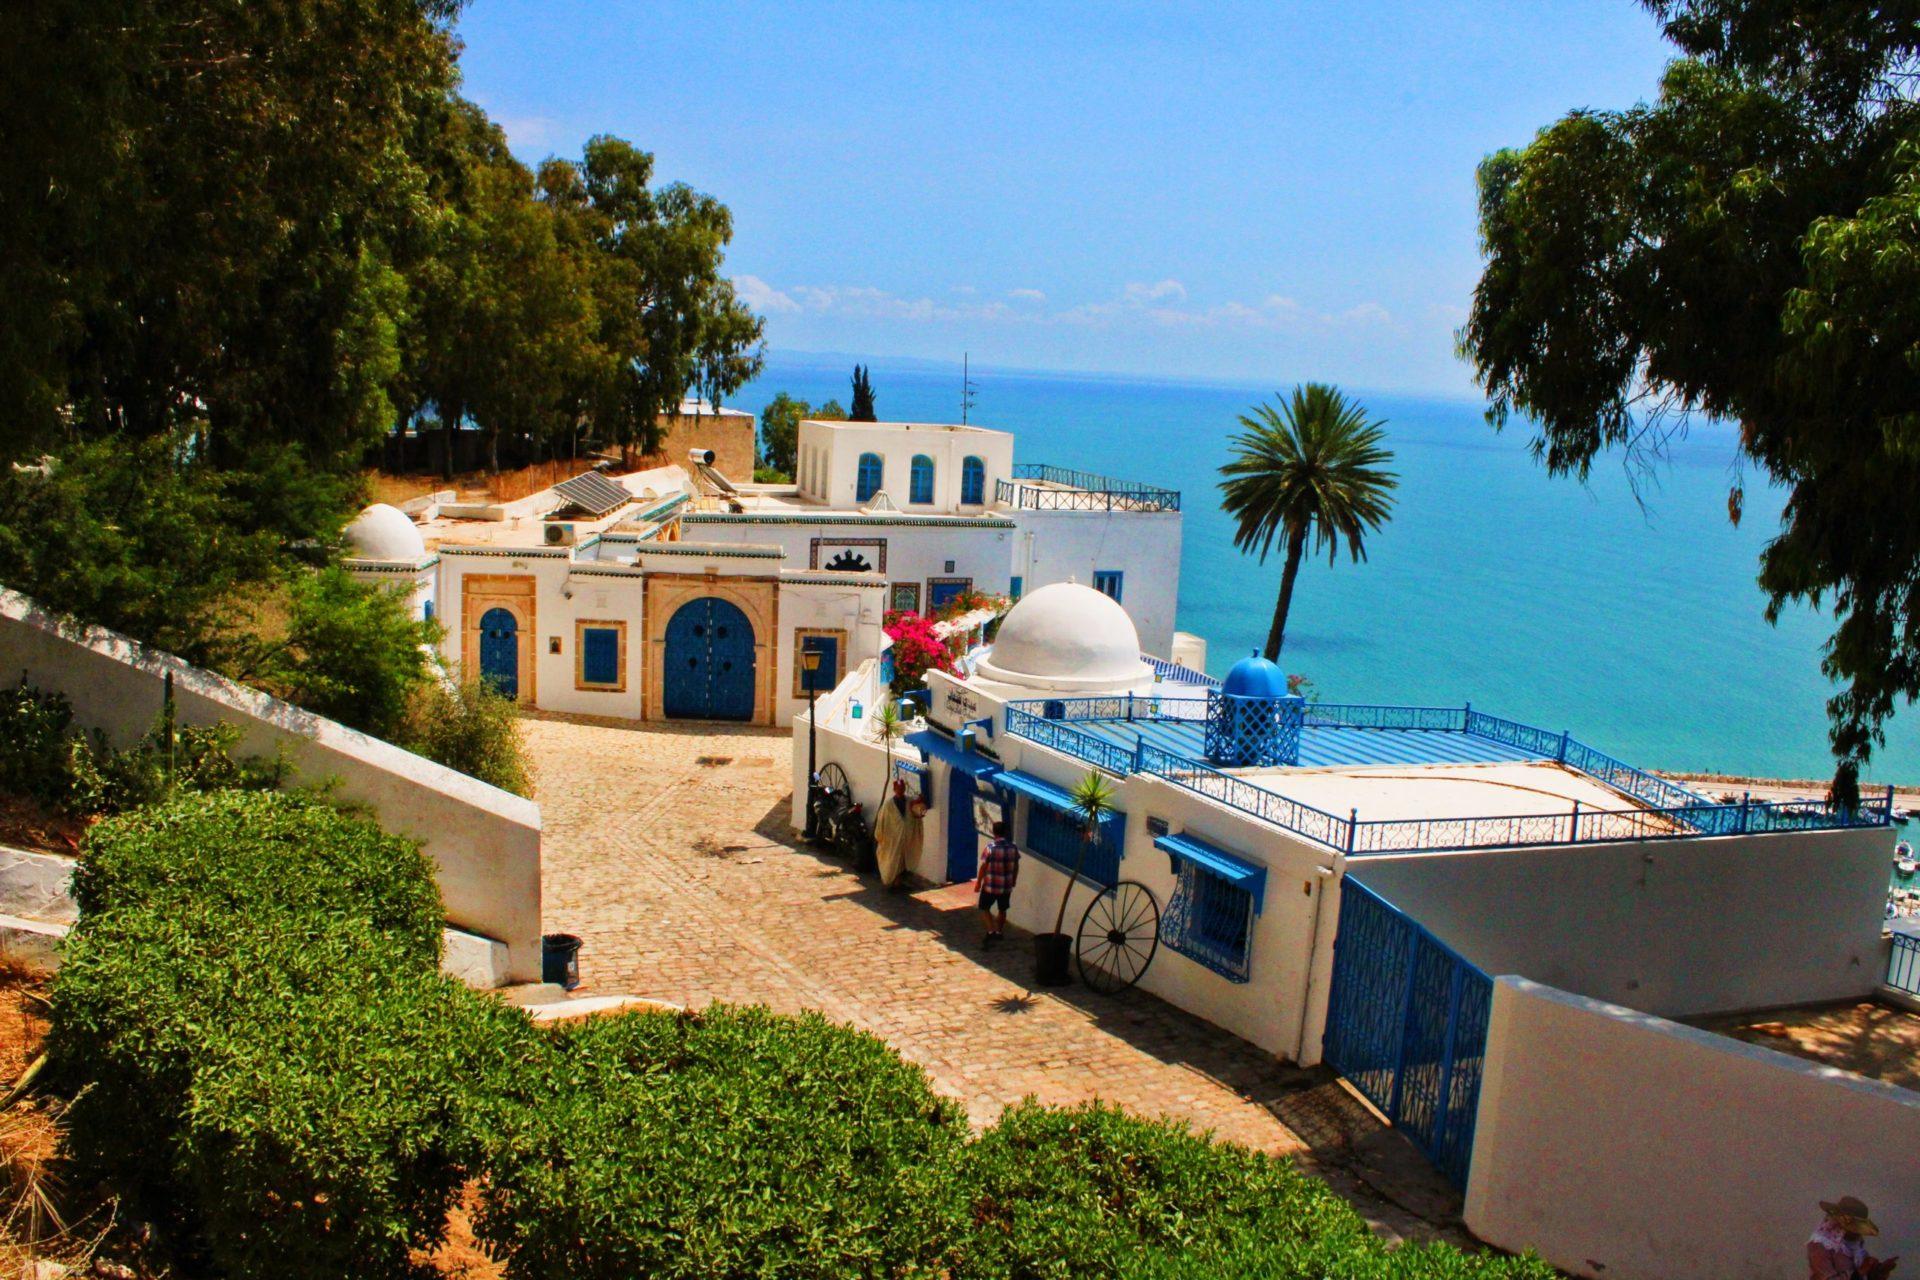 Wassertemperatur Tunis